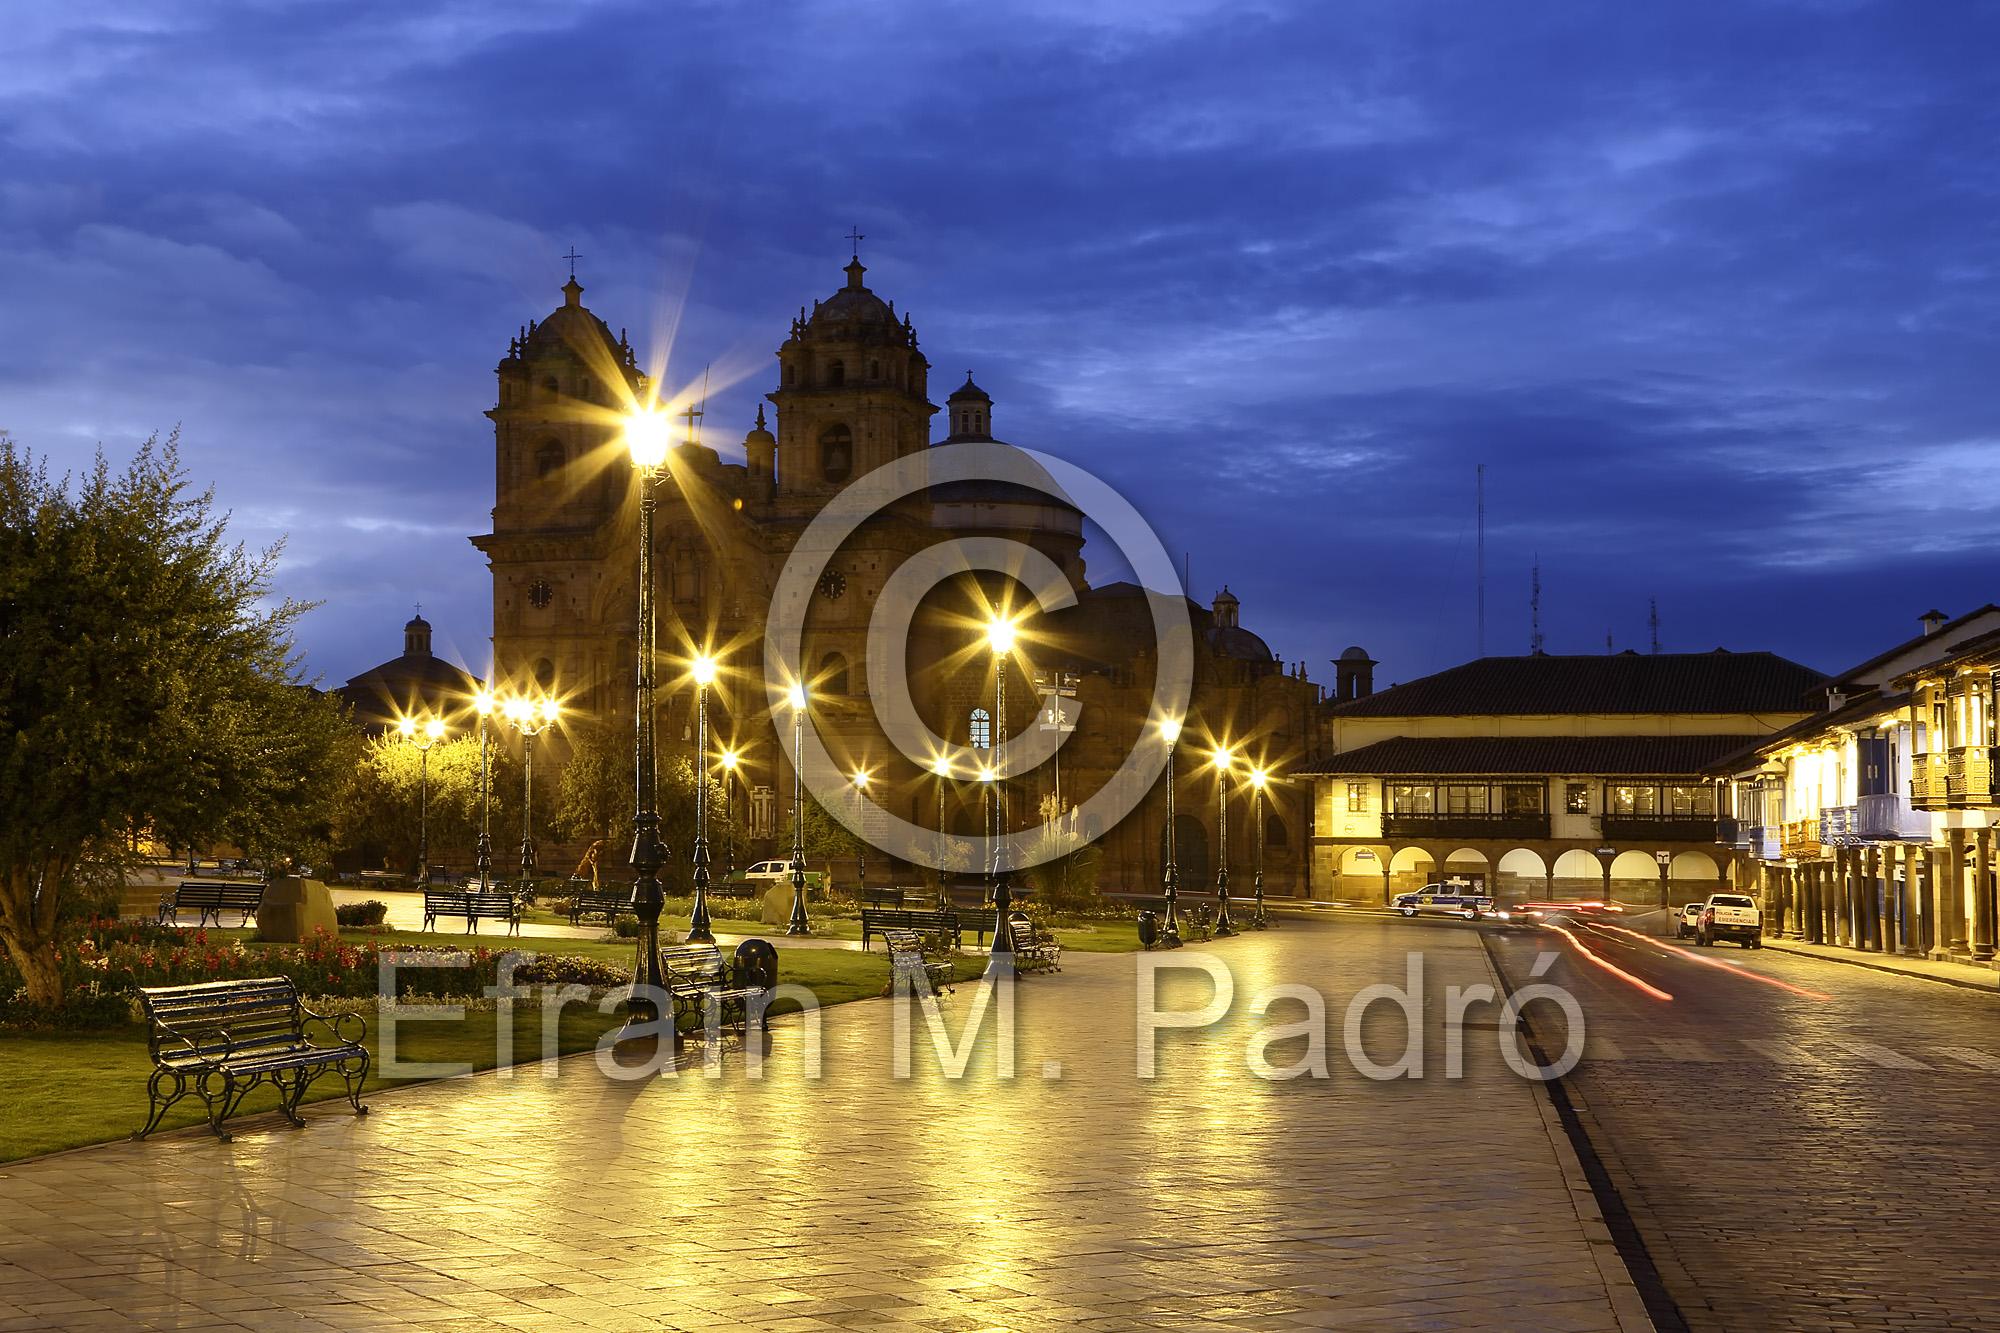 La Compania de Jesus (The Company of Jesus) Church on the Plaza de Armas, Cusco, Peru